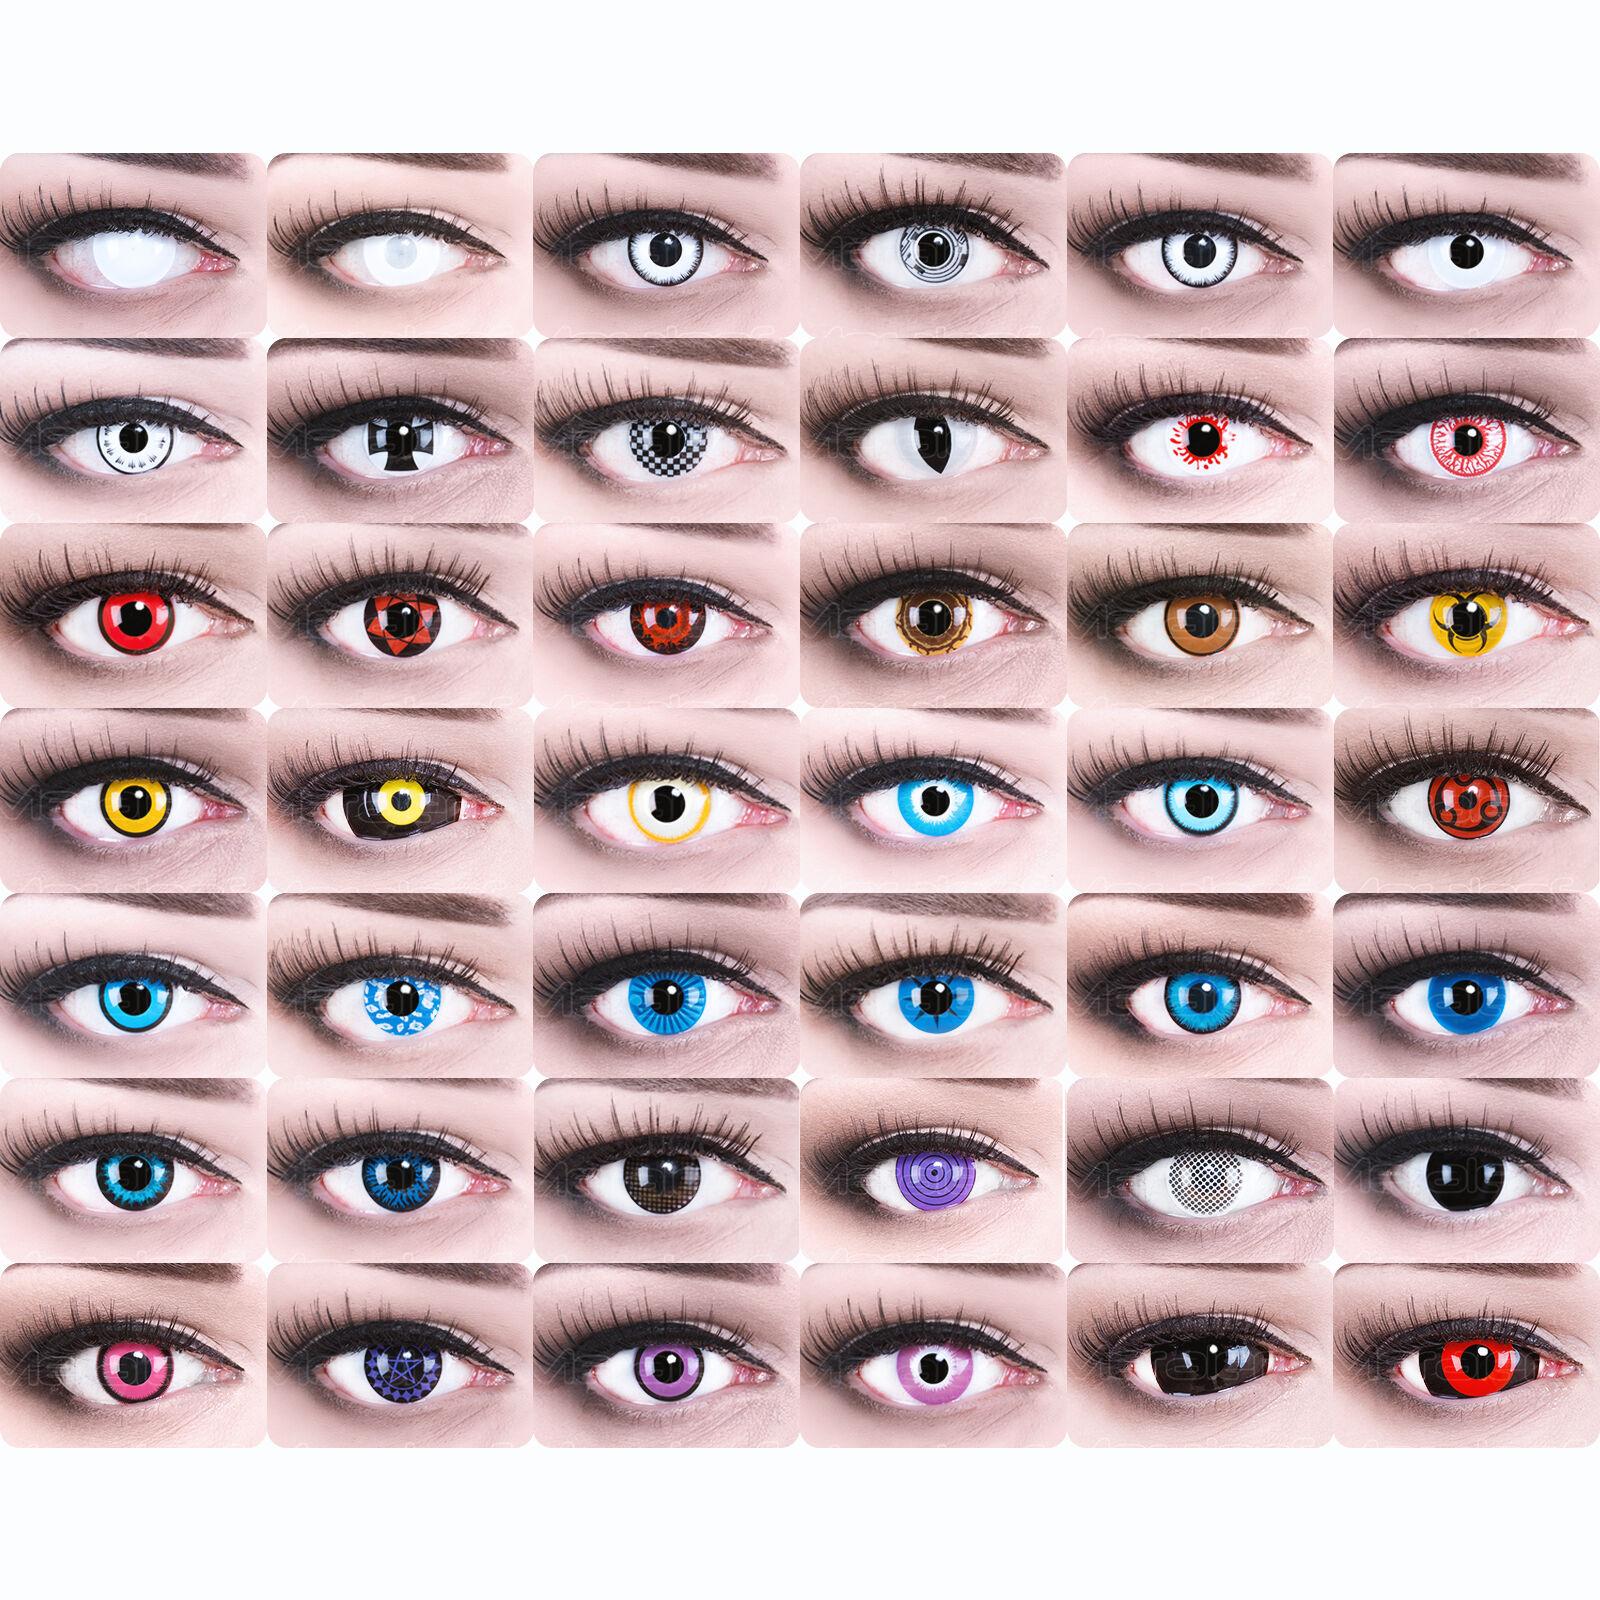 Gehorsam Weiße Zombie Kontaktlinsen Mit Stärke Farblinsen Für Halloween Kostüm Zombie Eye Augenoptik Beauty & Gesundheit